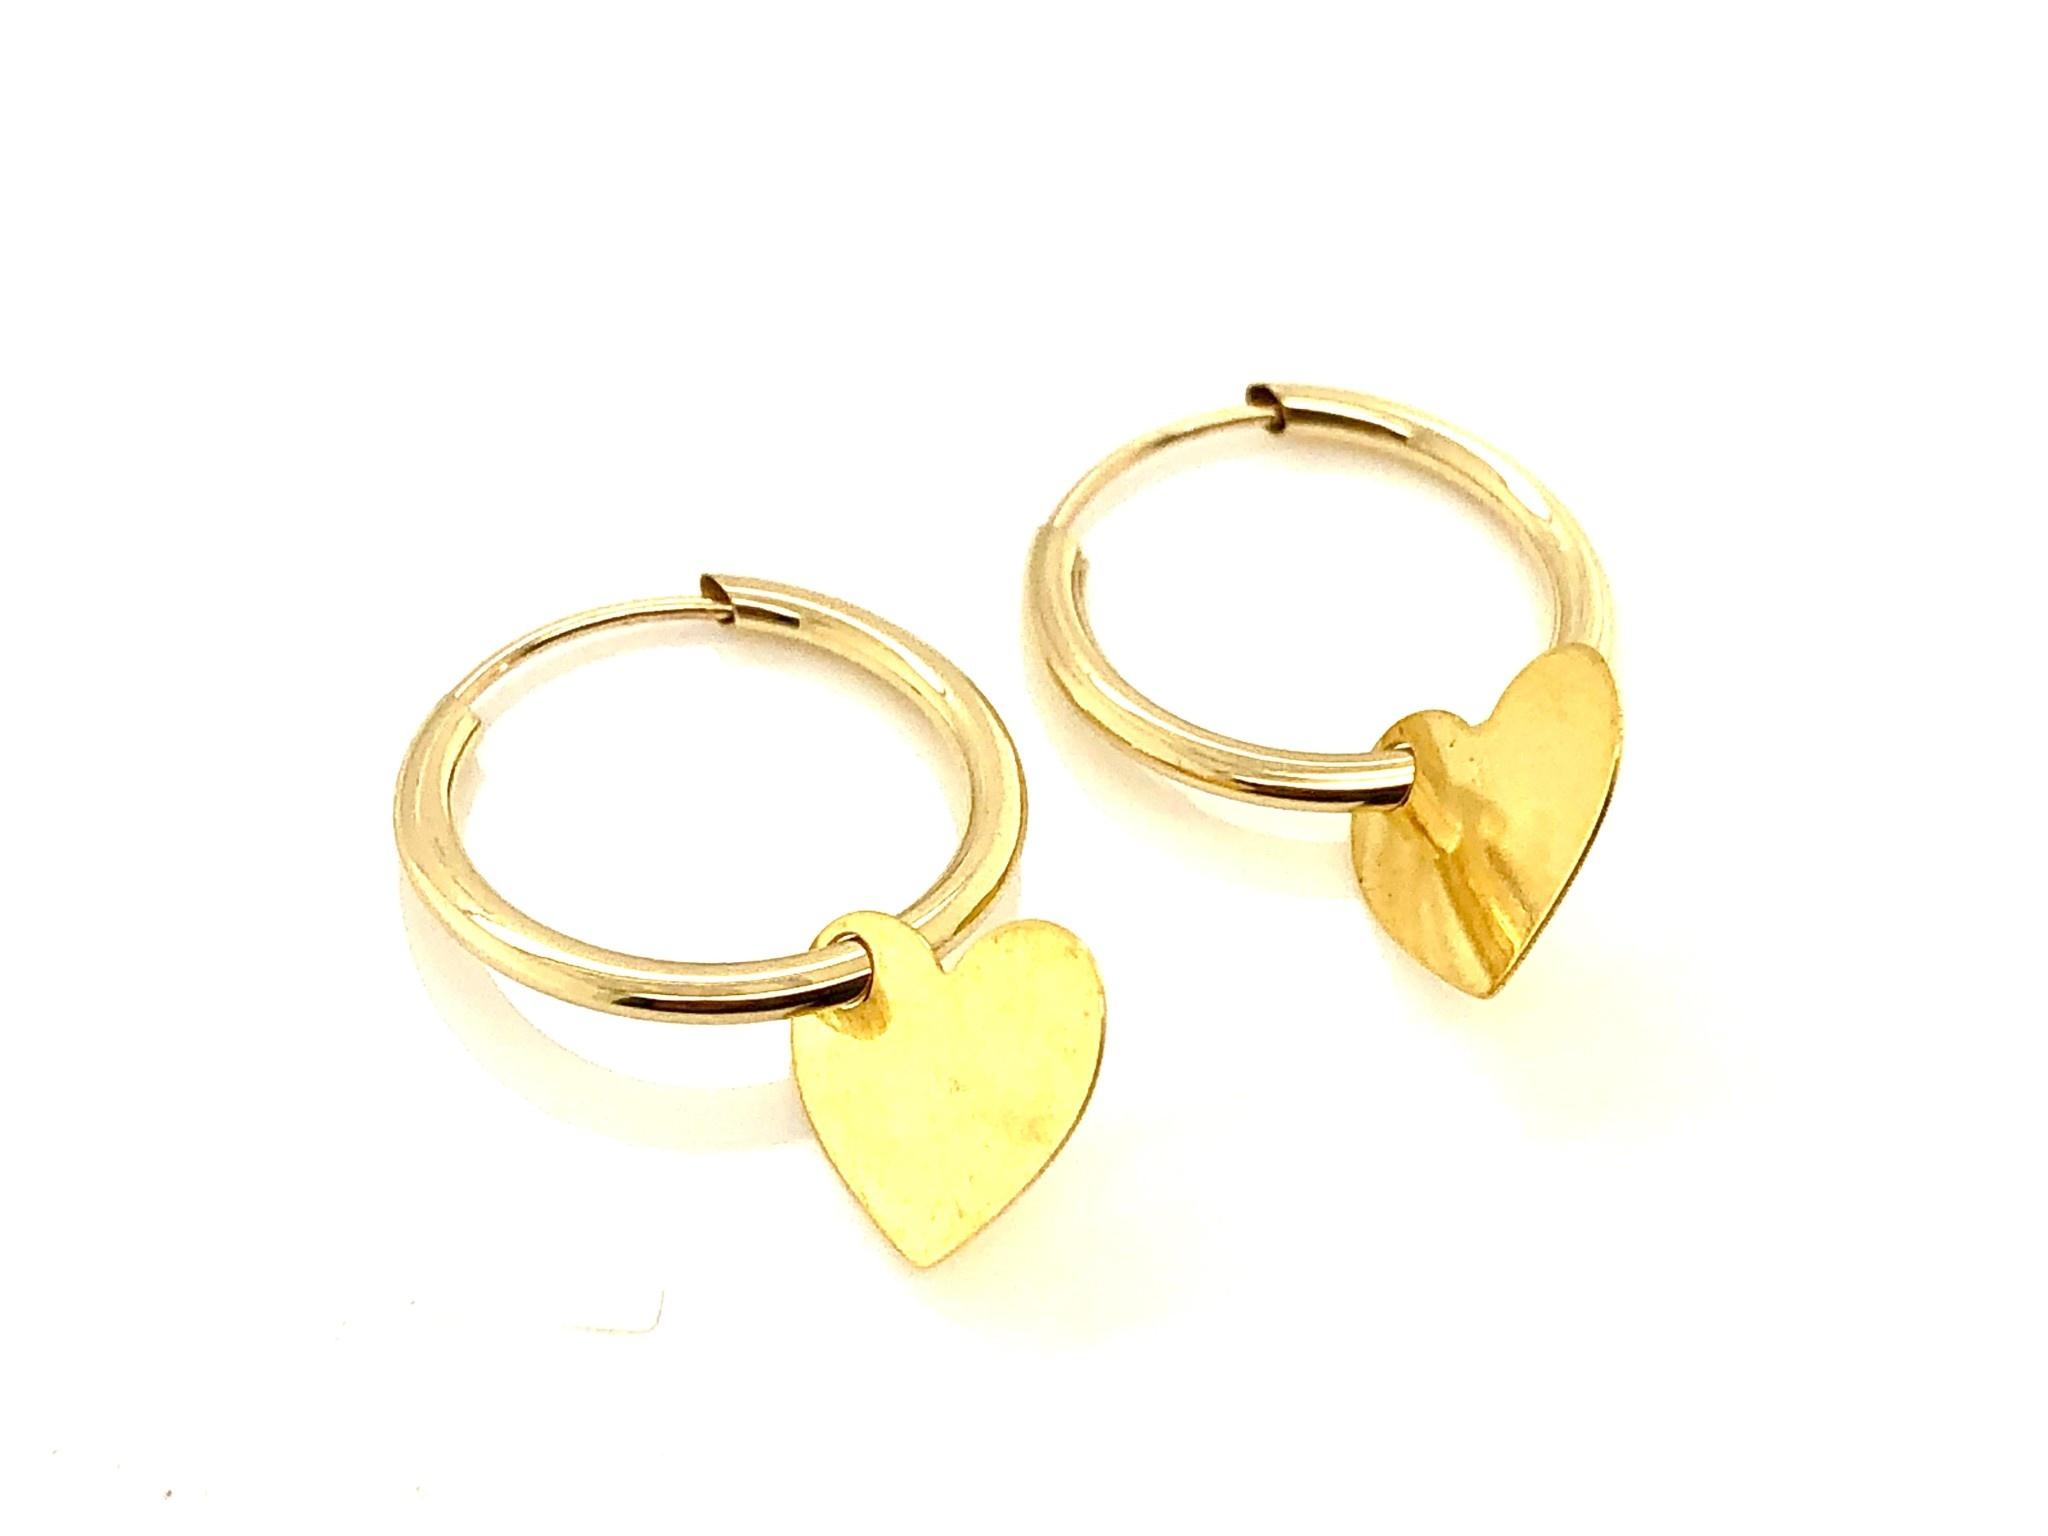 14K Yellow Gold Heart Earrings